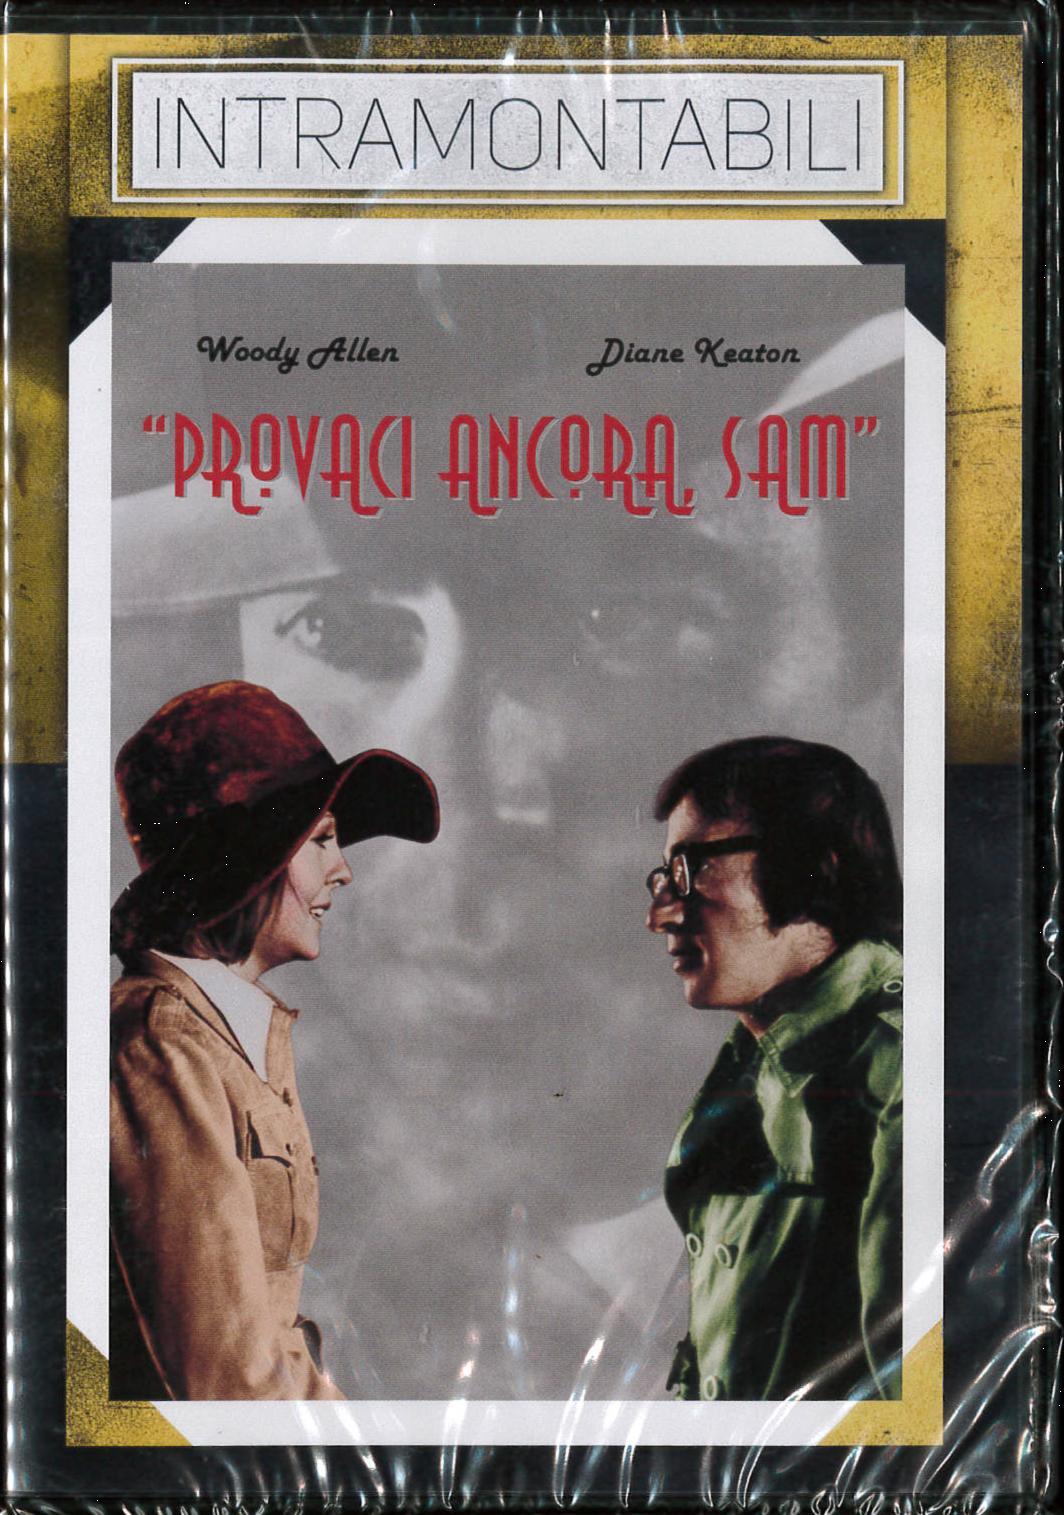 PROVACI ANCORA SAM (DVD)